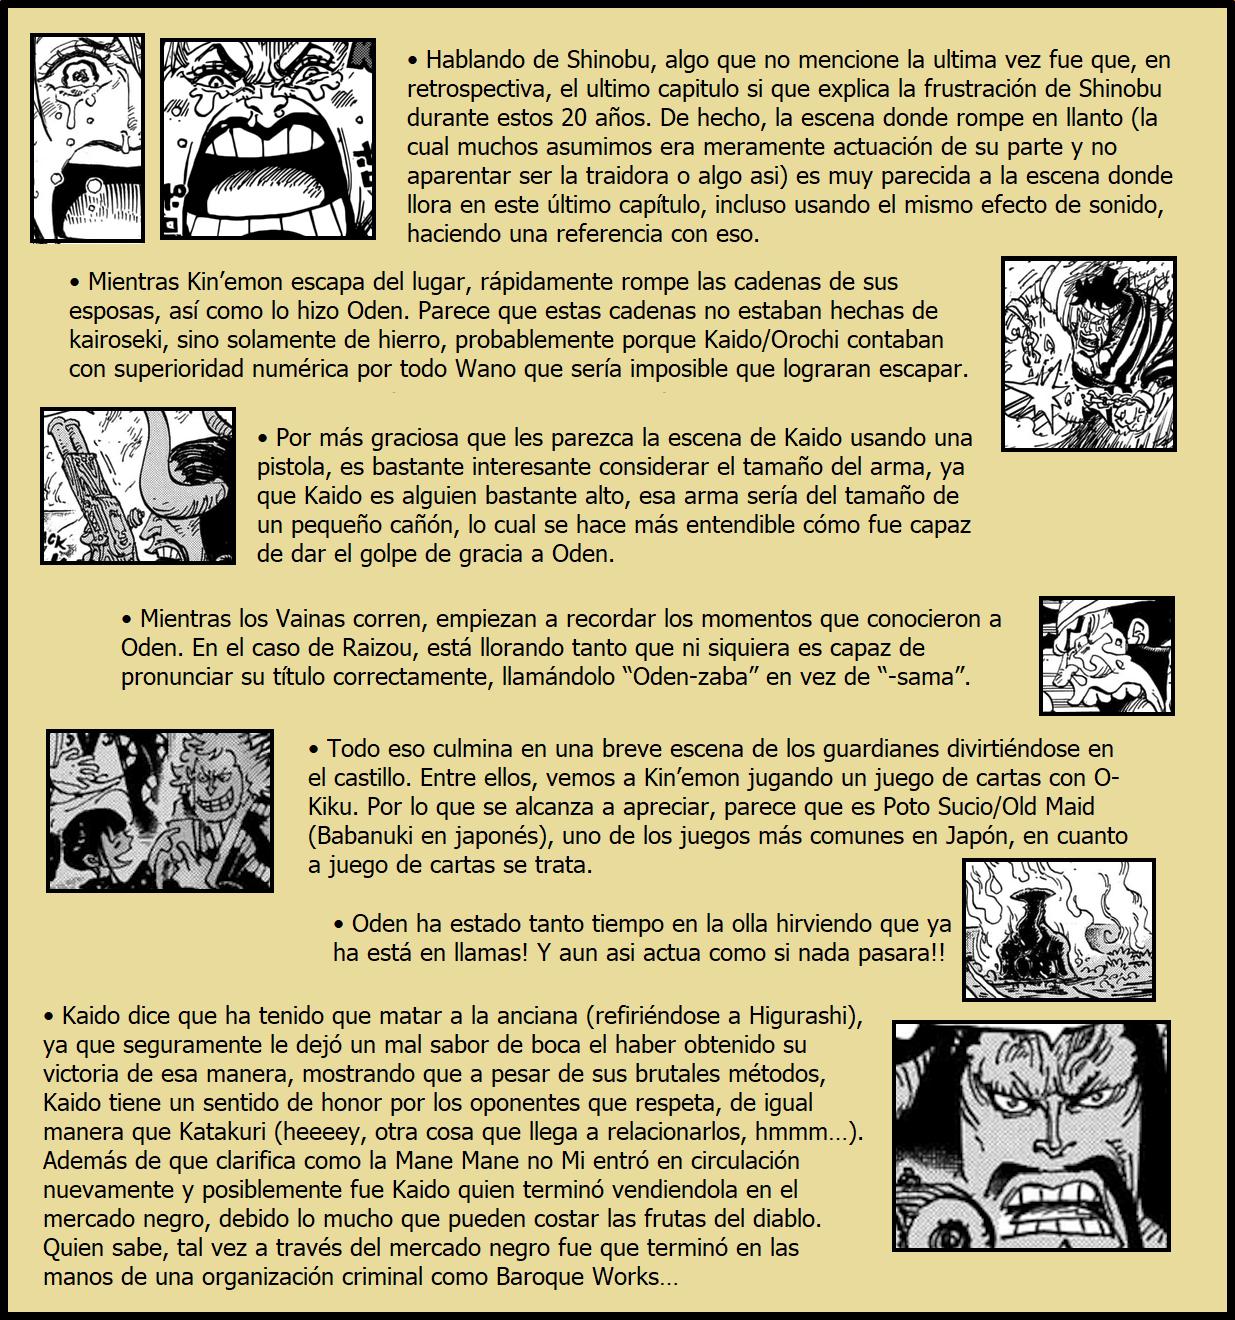 Secretos & Curiosidades - One Piece Manga 972 05